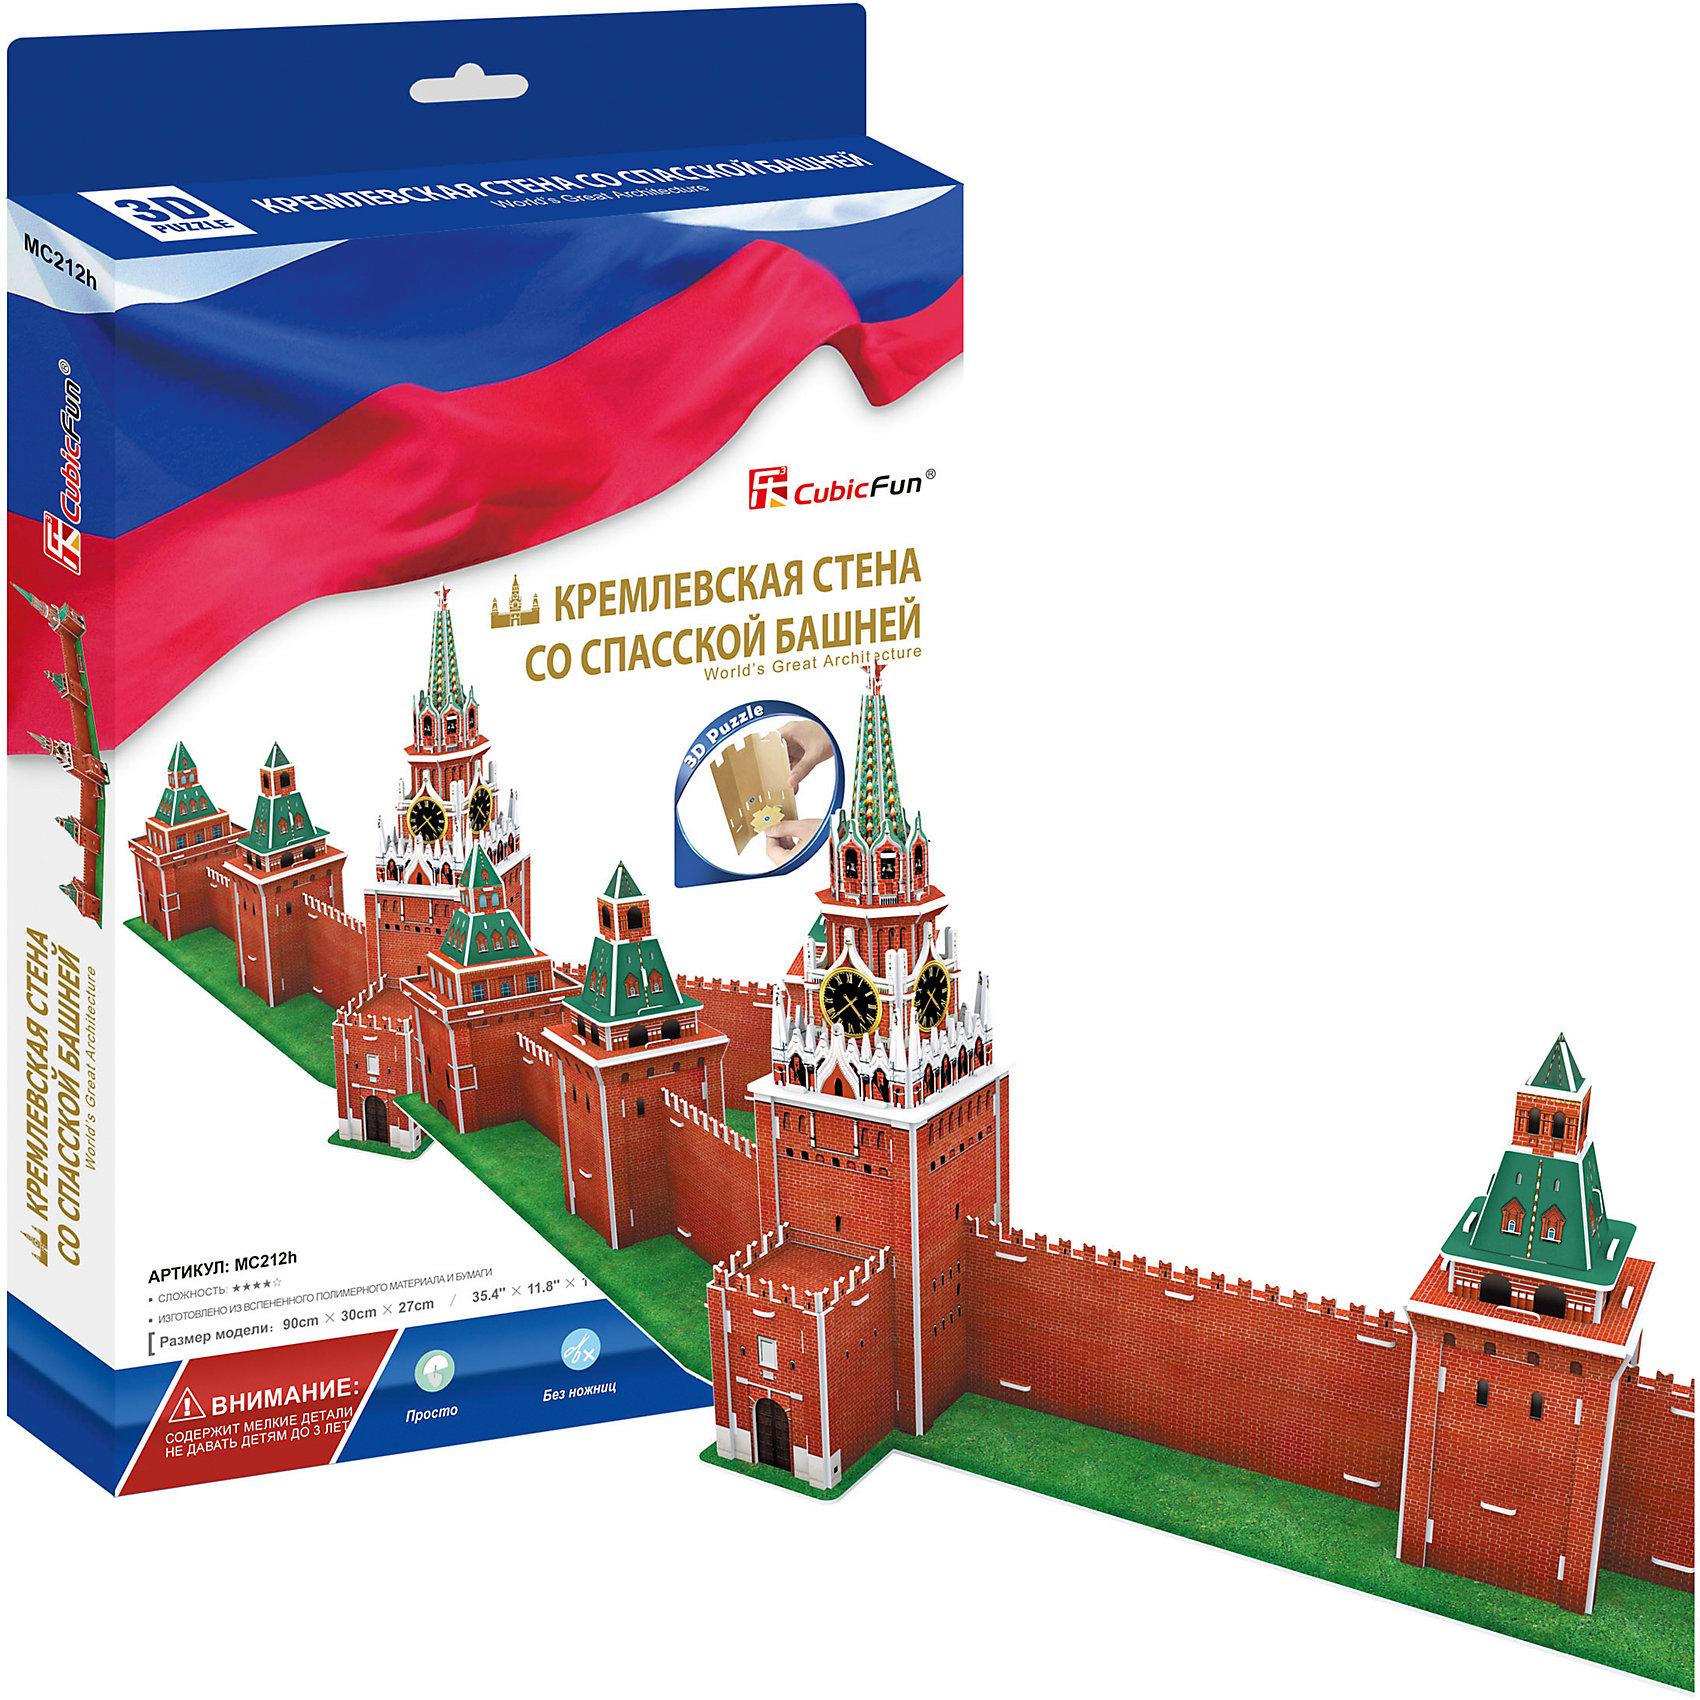 CubicFun Пазл 3D Кремлевская стена со Спасской башней (Россия), CubicFun cubicfun 3d пазл эйфелева башня 2 франция cubicfun 33 детали